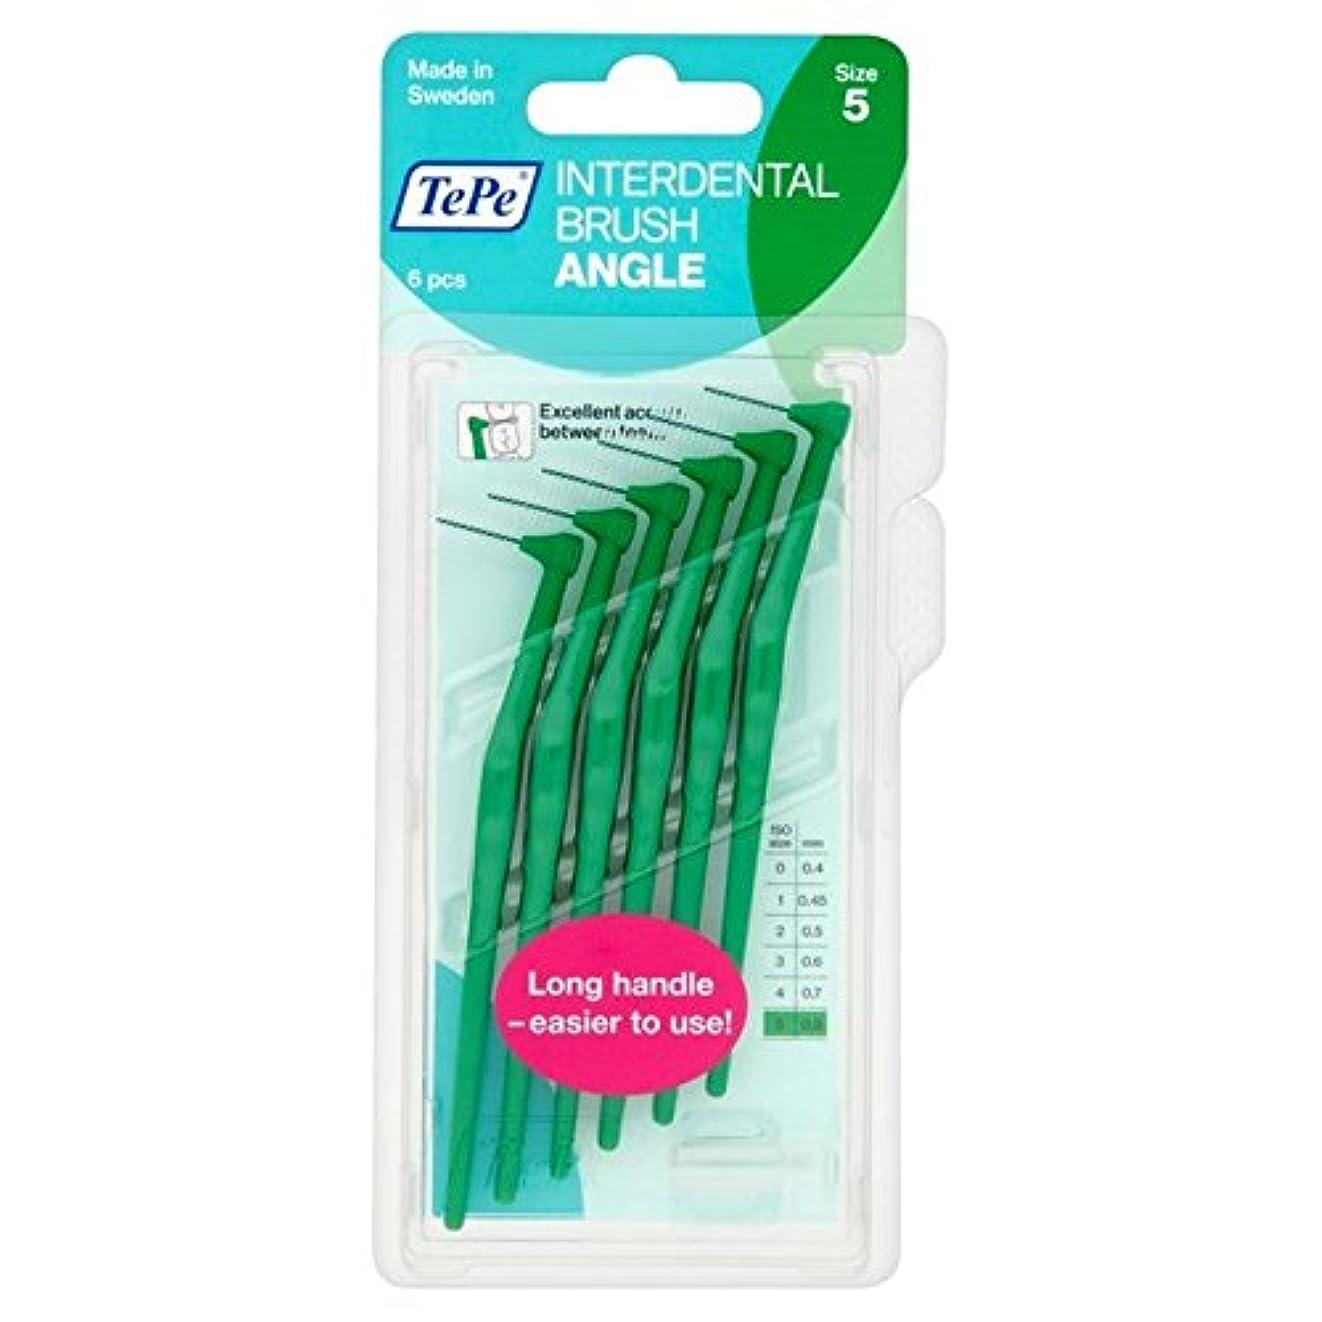 振り子気候人質TePe Angle Green 0.8mm 6 per pack - パックあたり6 0.8ミリメートル緑テペ角度 [並行輸入品]